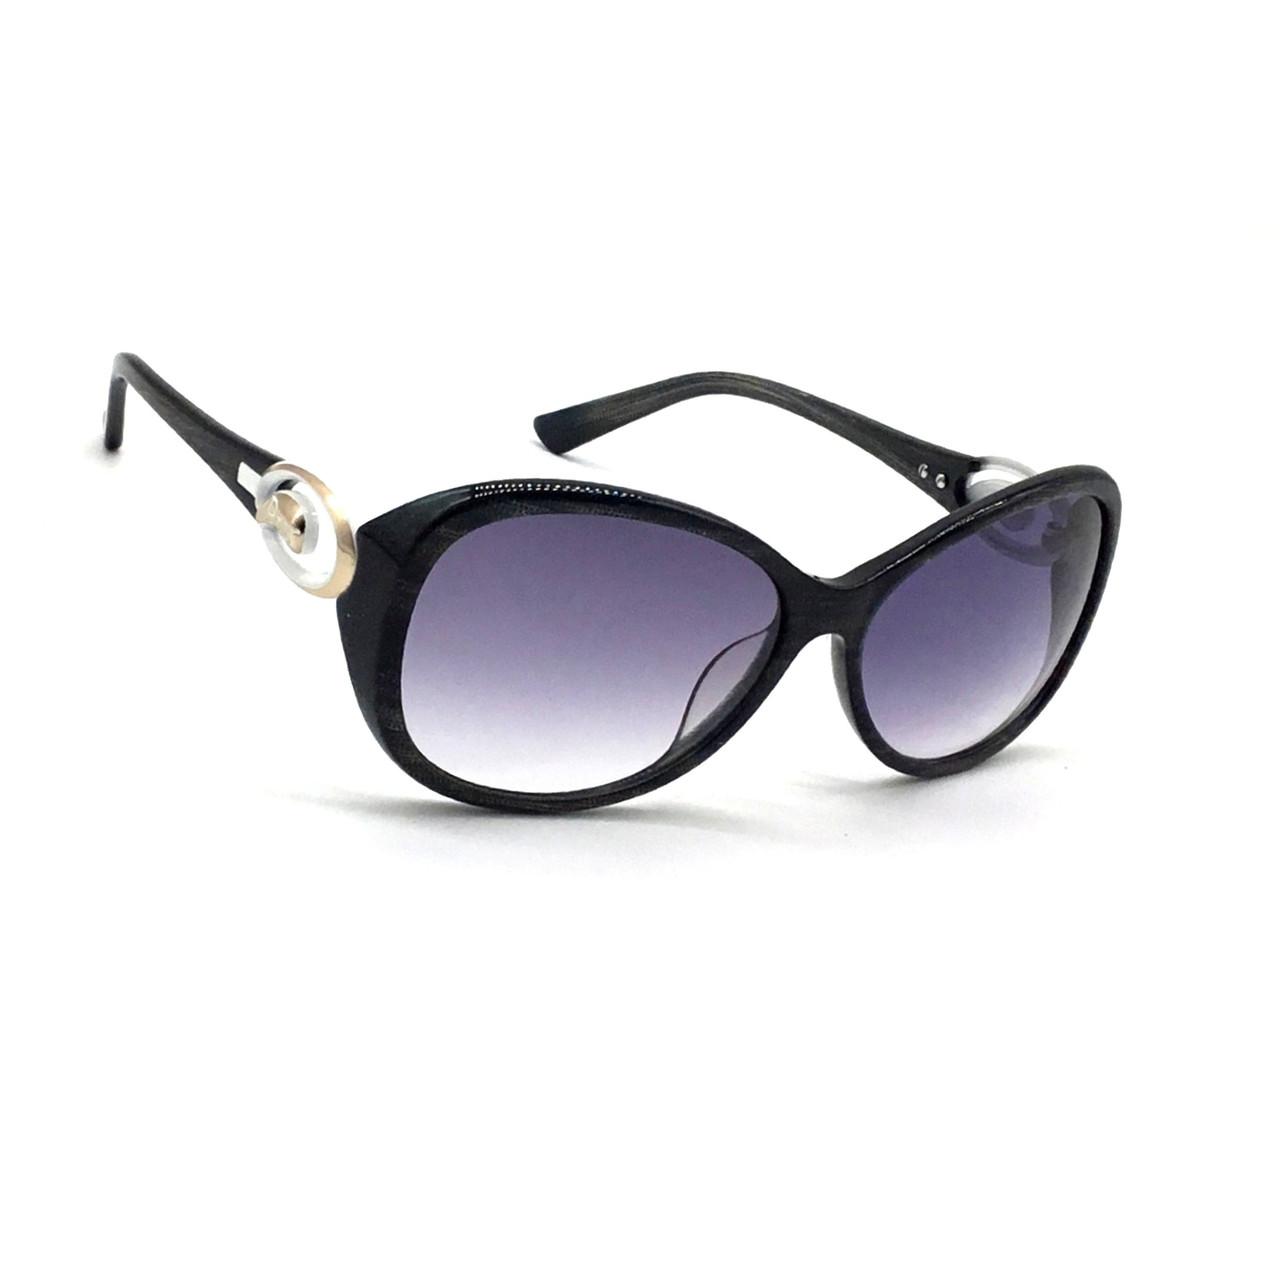 Жіночі окуляри 6950 Prsr